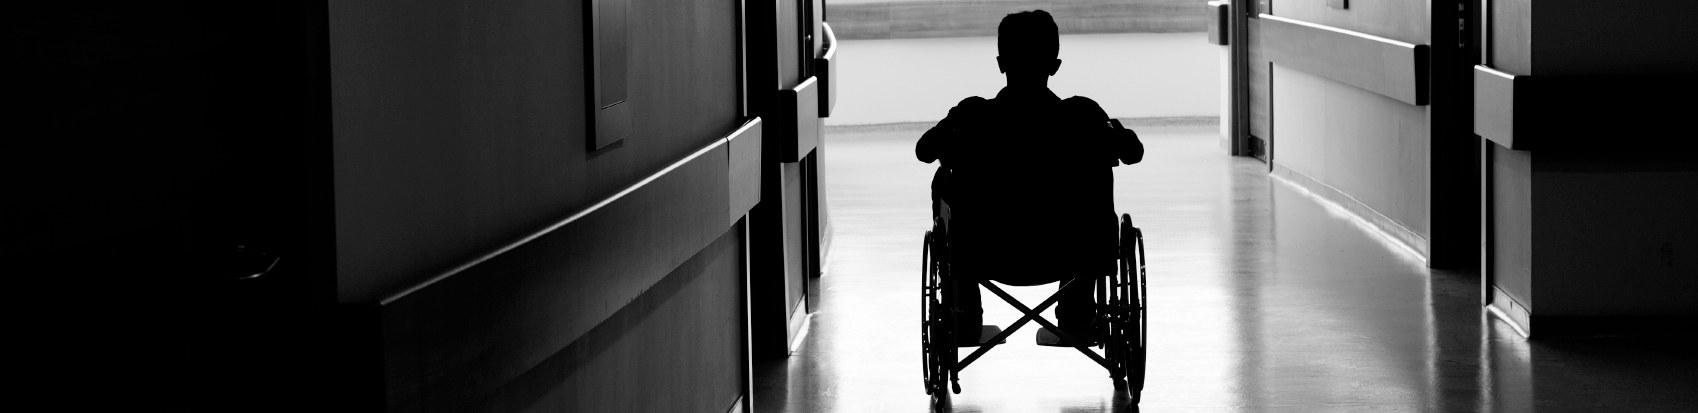 Letselschade medische fout | Medische letselschade